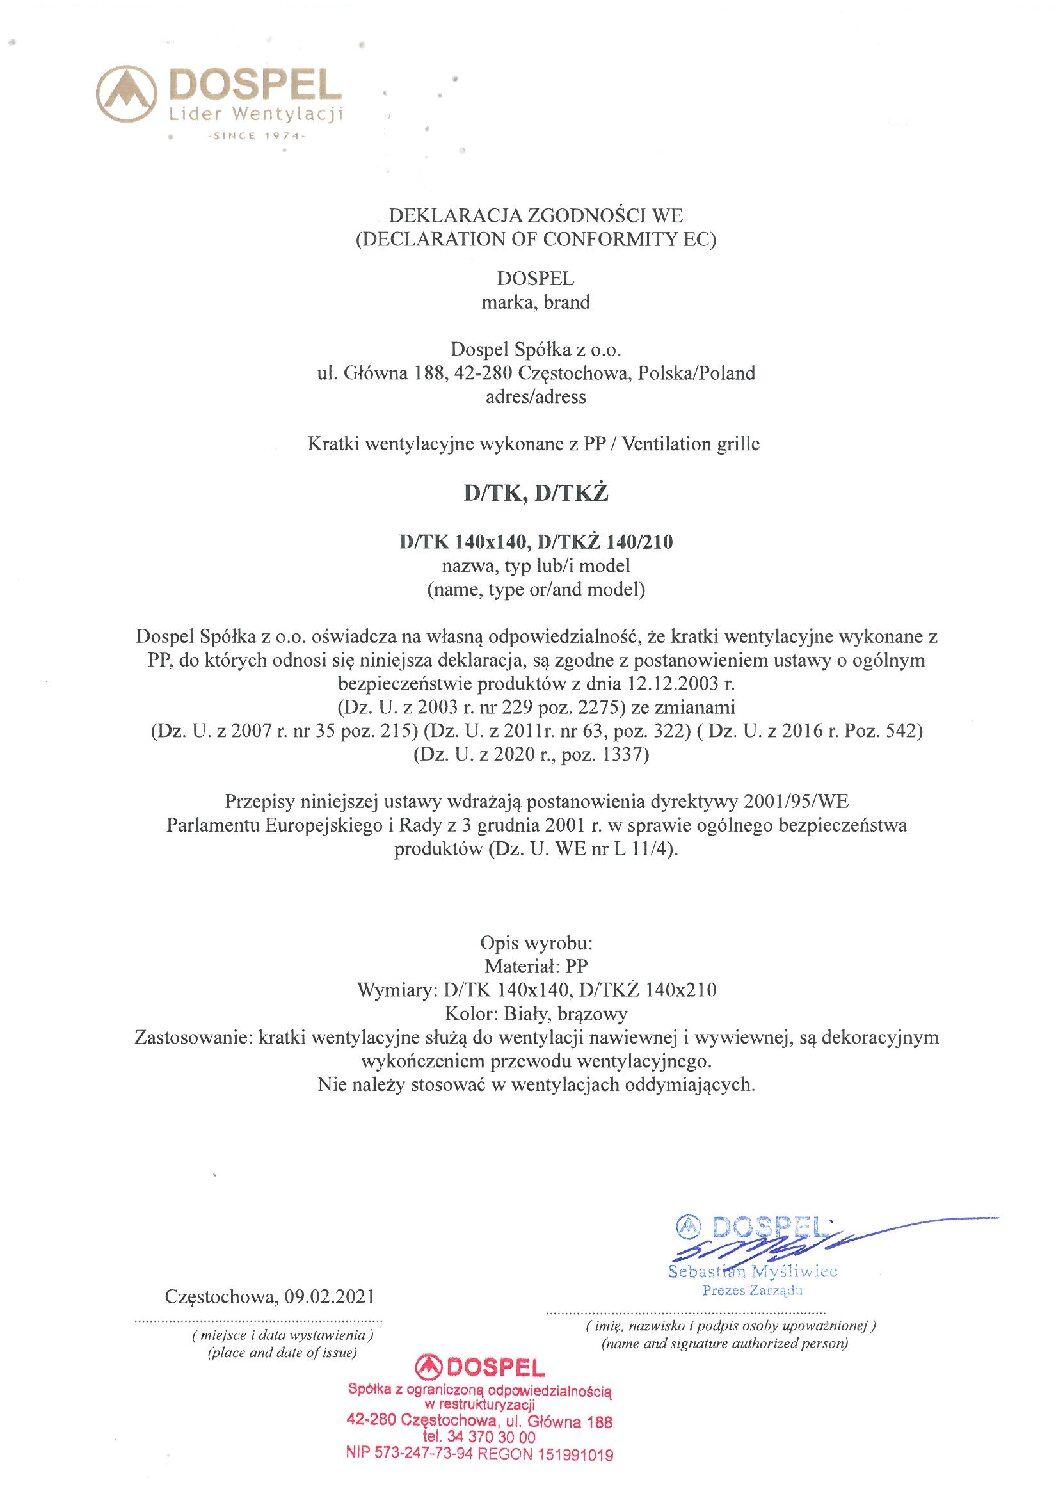 Kratka wentylacyjna DTK DTKZ, certyfikat, deklaracja zgodności, producent wentylatorów, Dospel